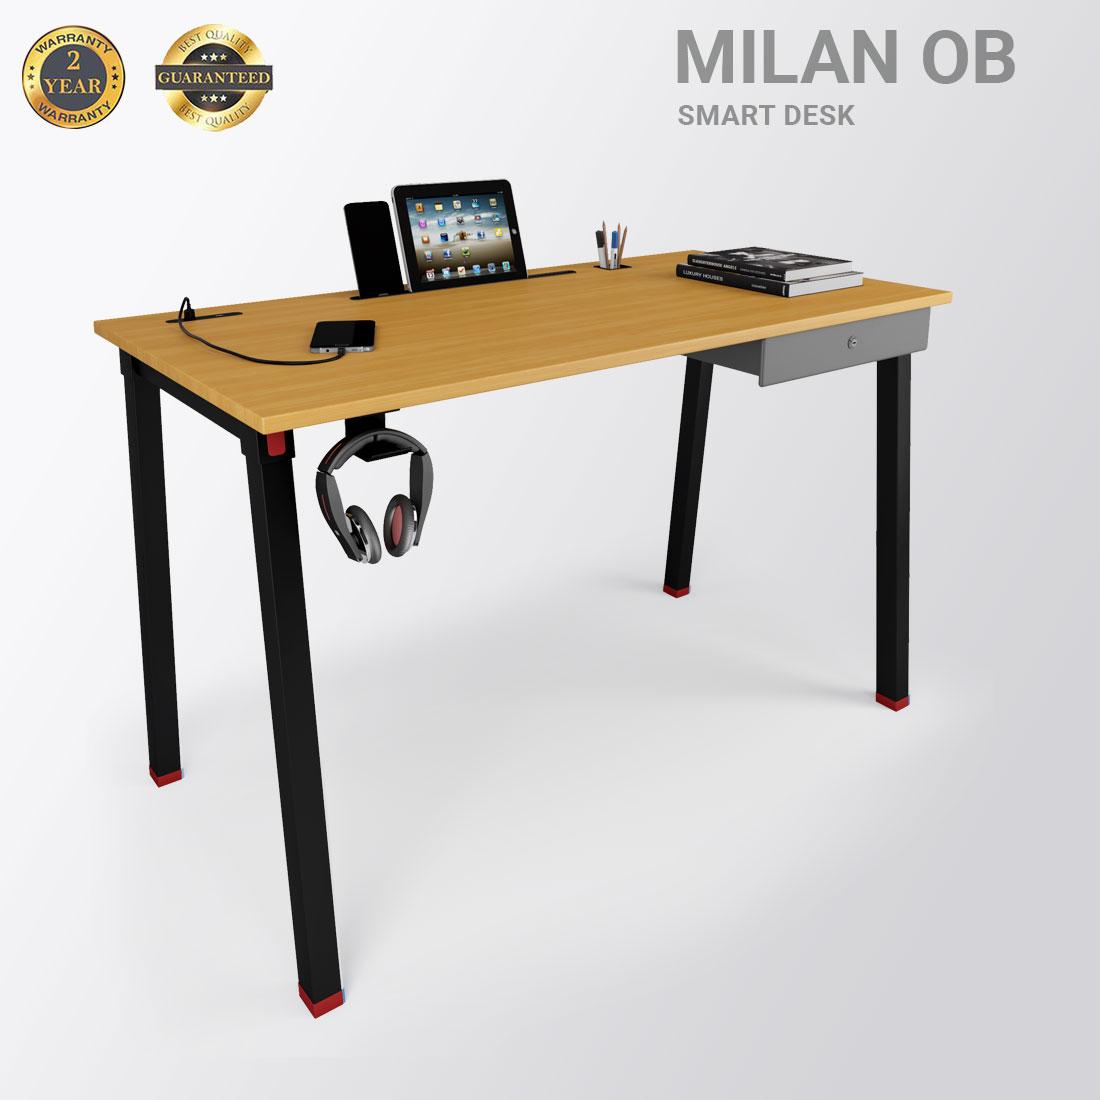 MILAN OB